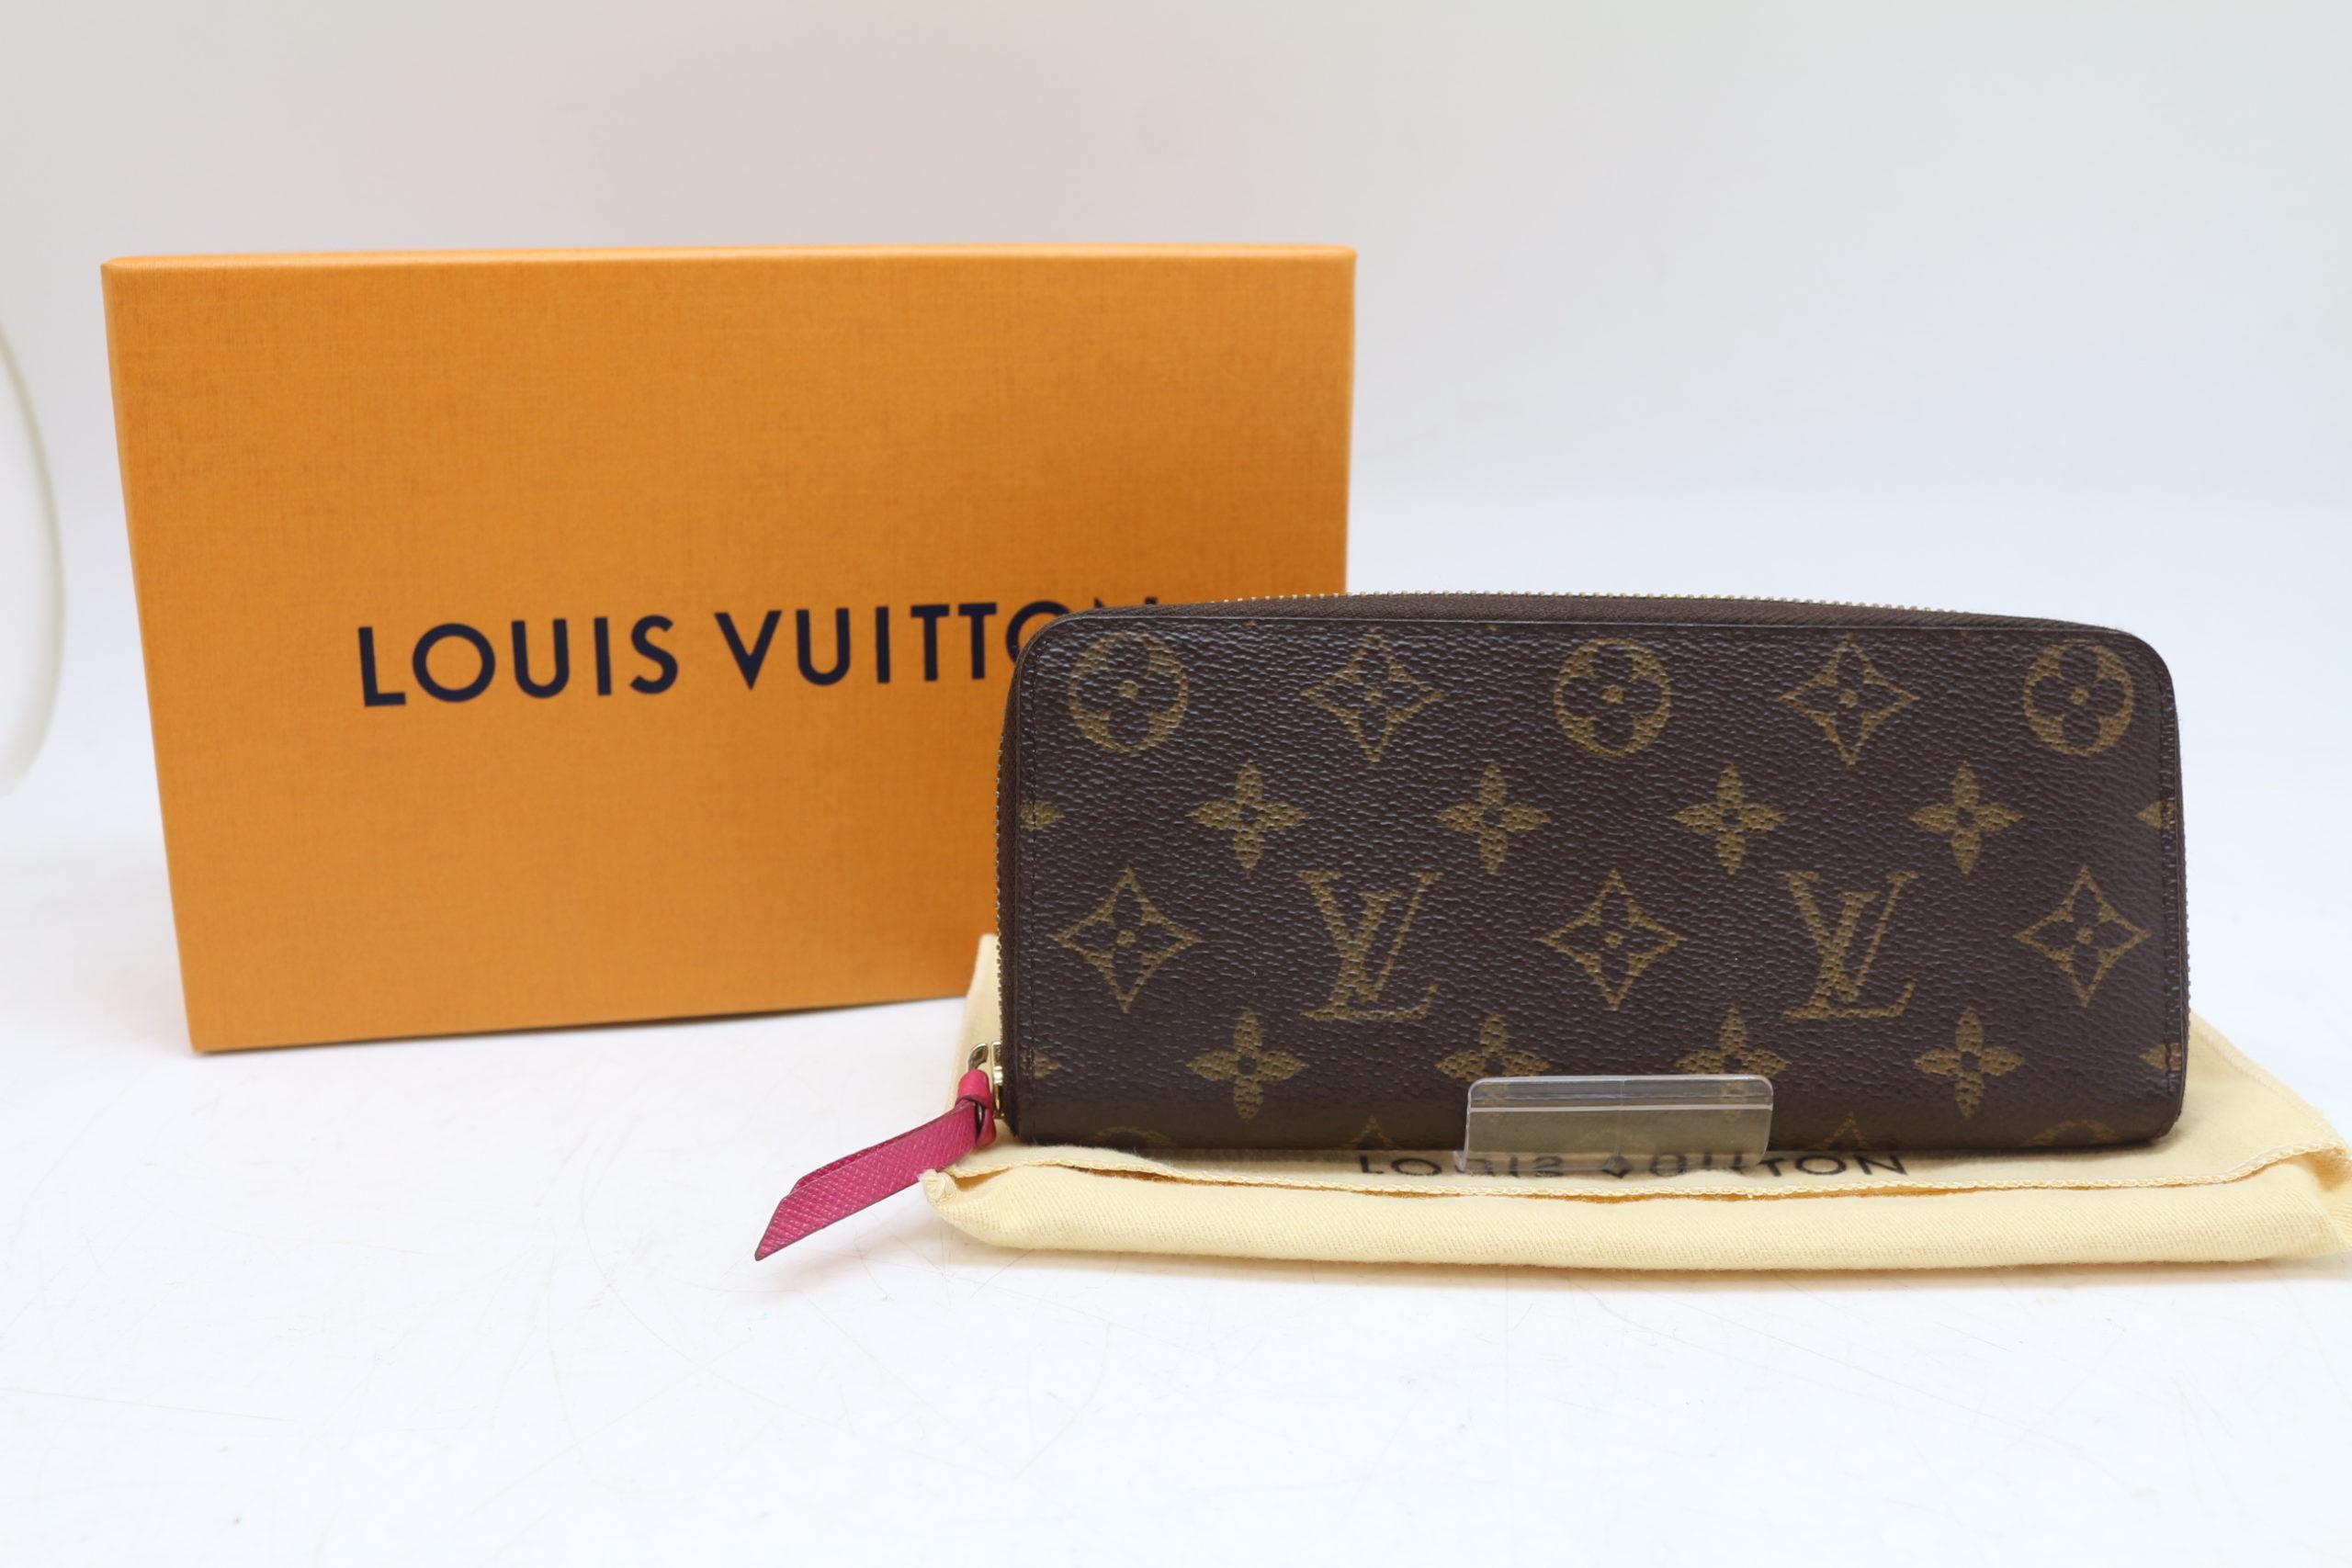 Louis Vuitton/ルイヴィトン M42119 ポルトフォイユ クレマンス モノグラム ラウンドファスナー 長財布 ホットピンク を買取させて頂きました!!の買取-